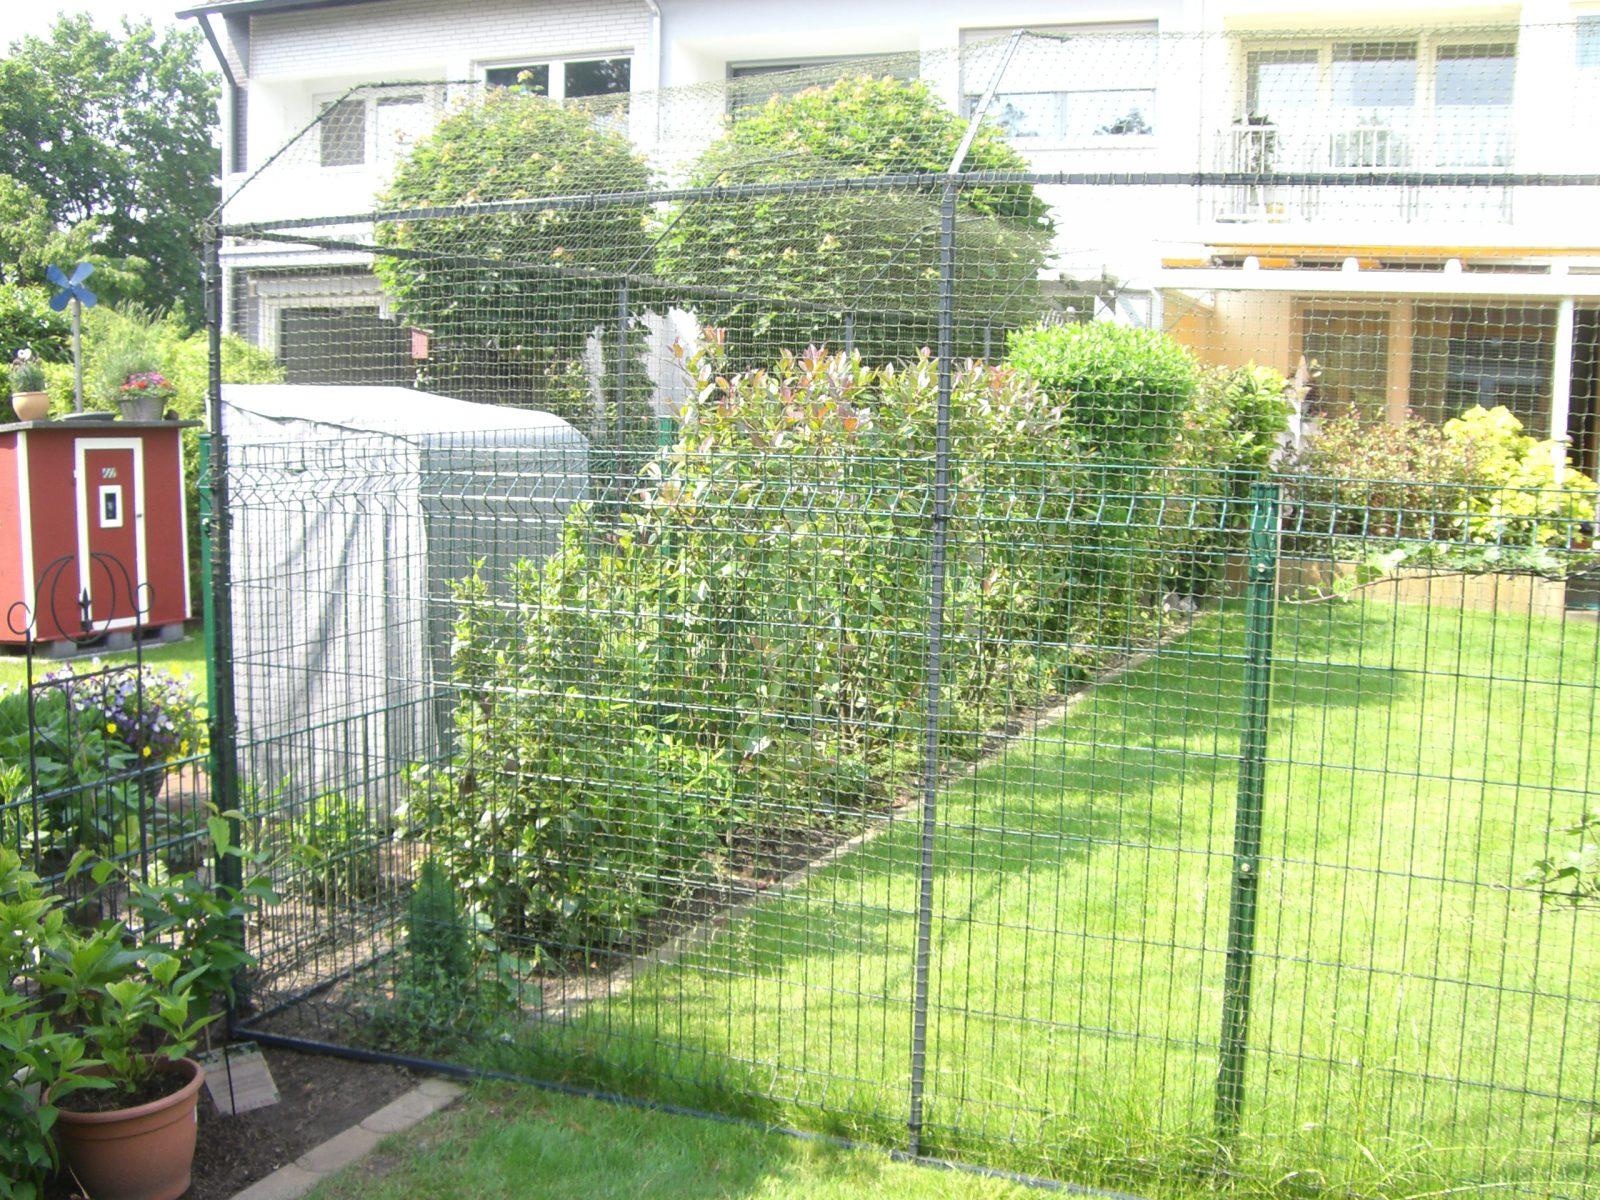 Garten katzensicherung Katzennetz Profi